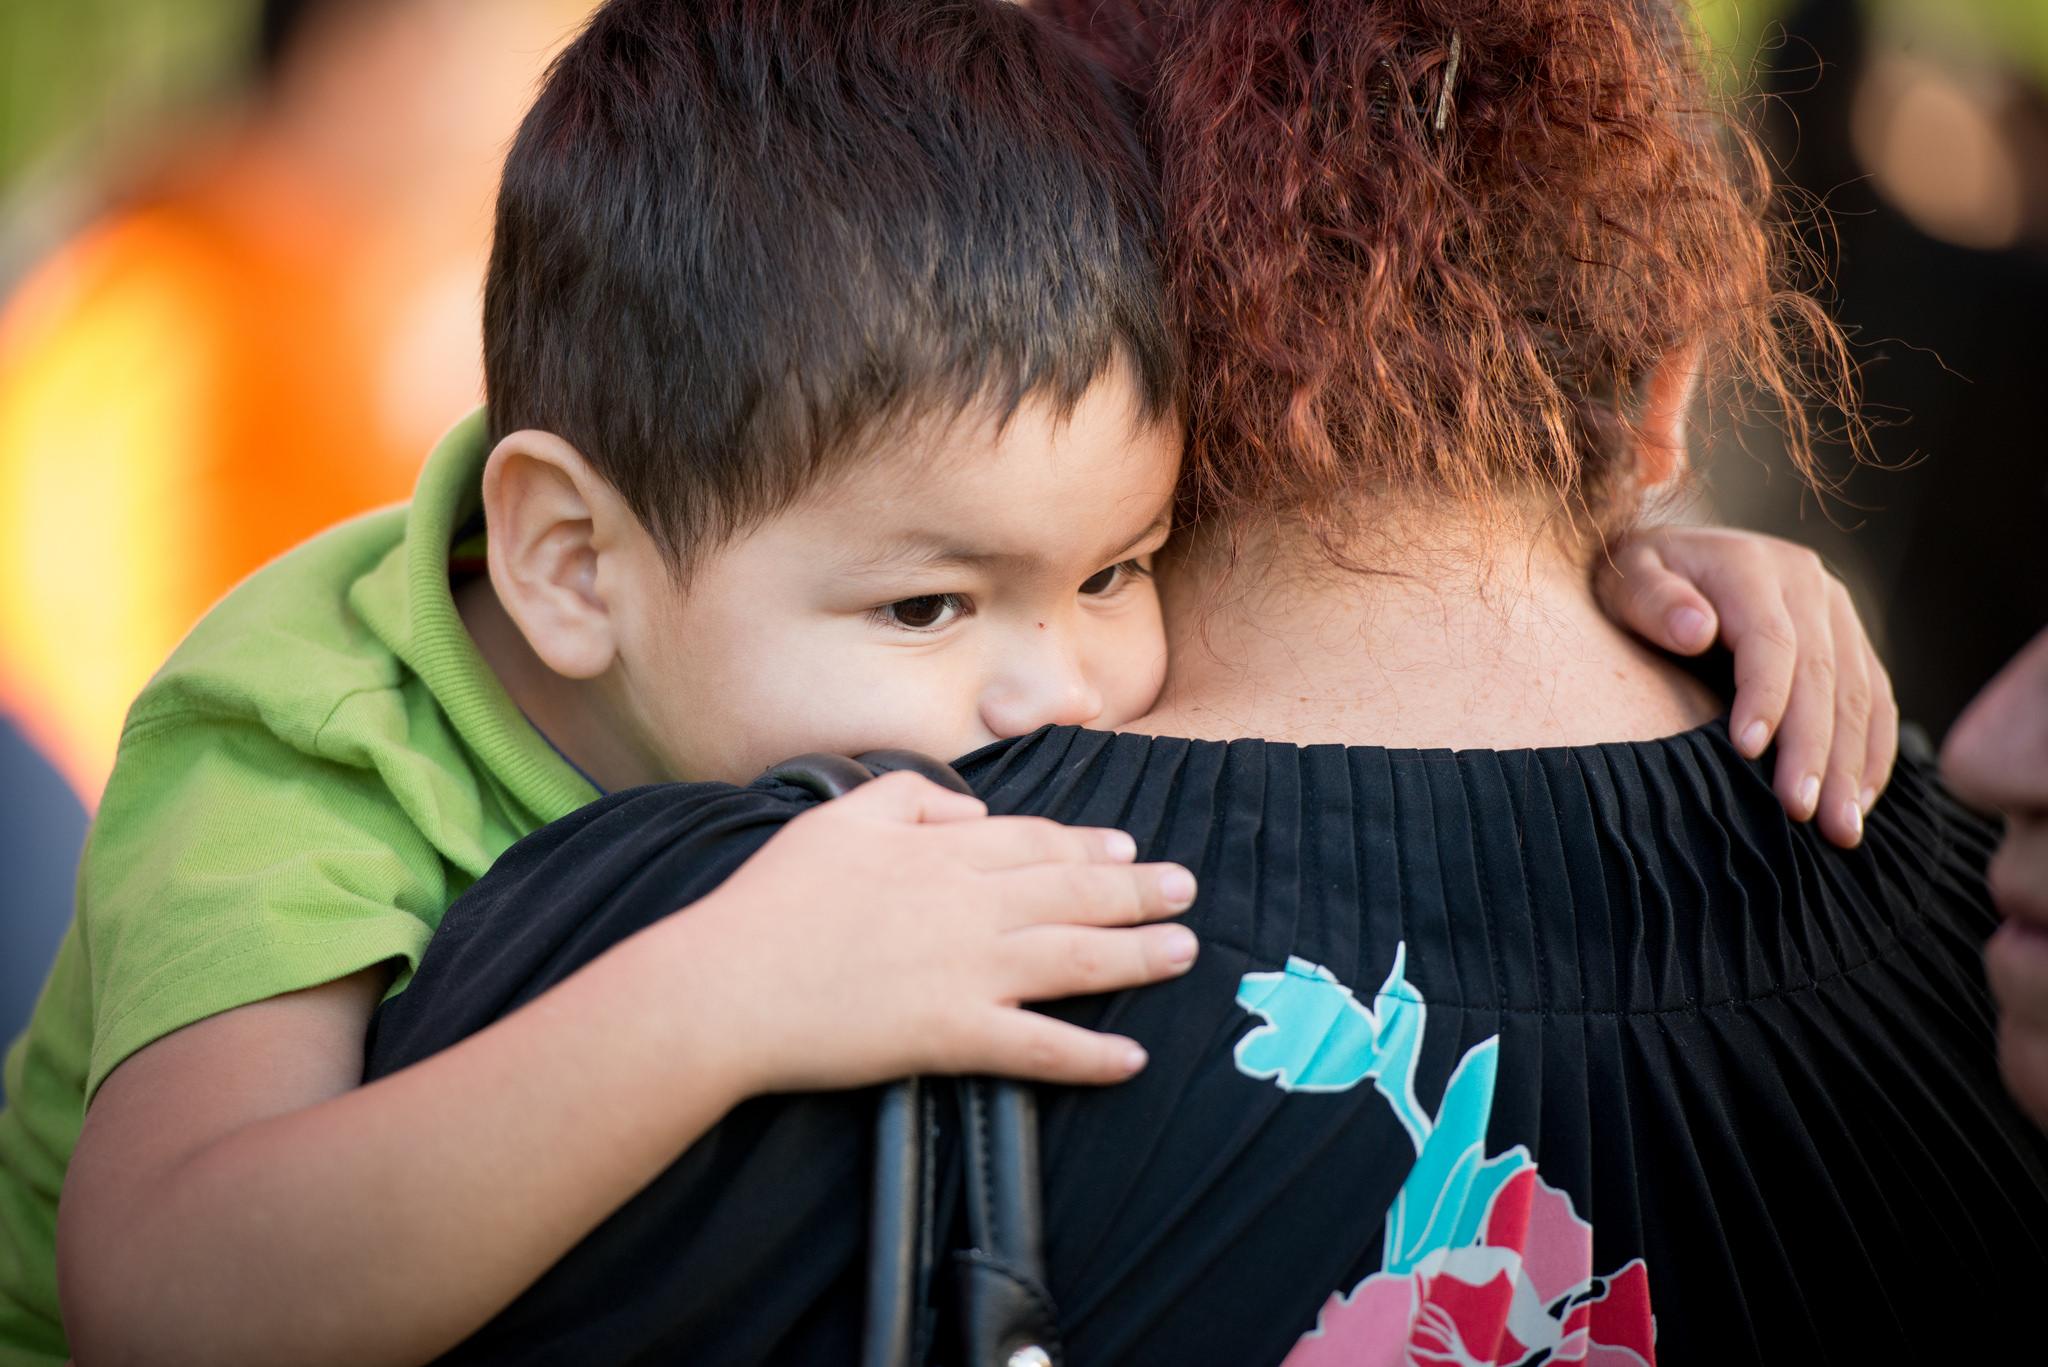 Eventos traumáticos: ayuda para padres y cuidadores